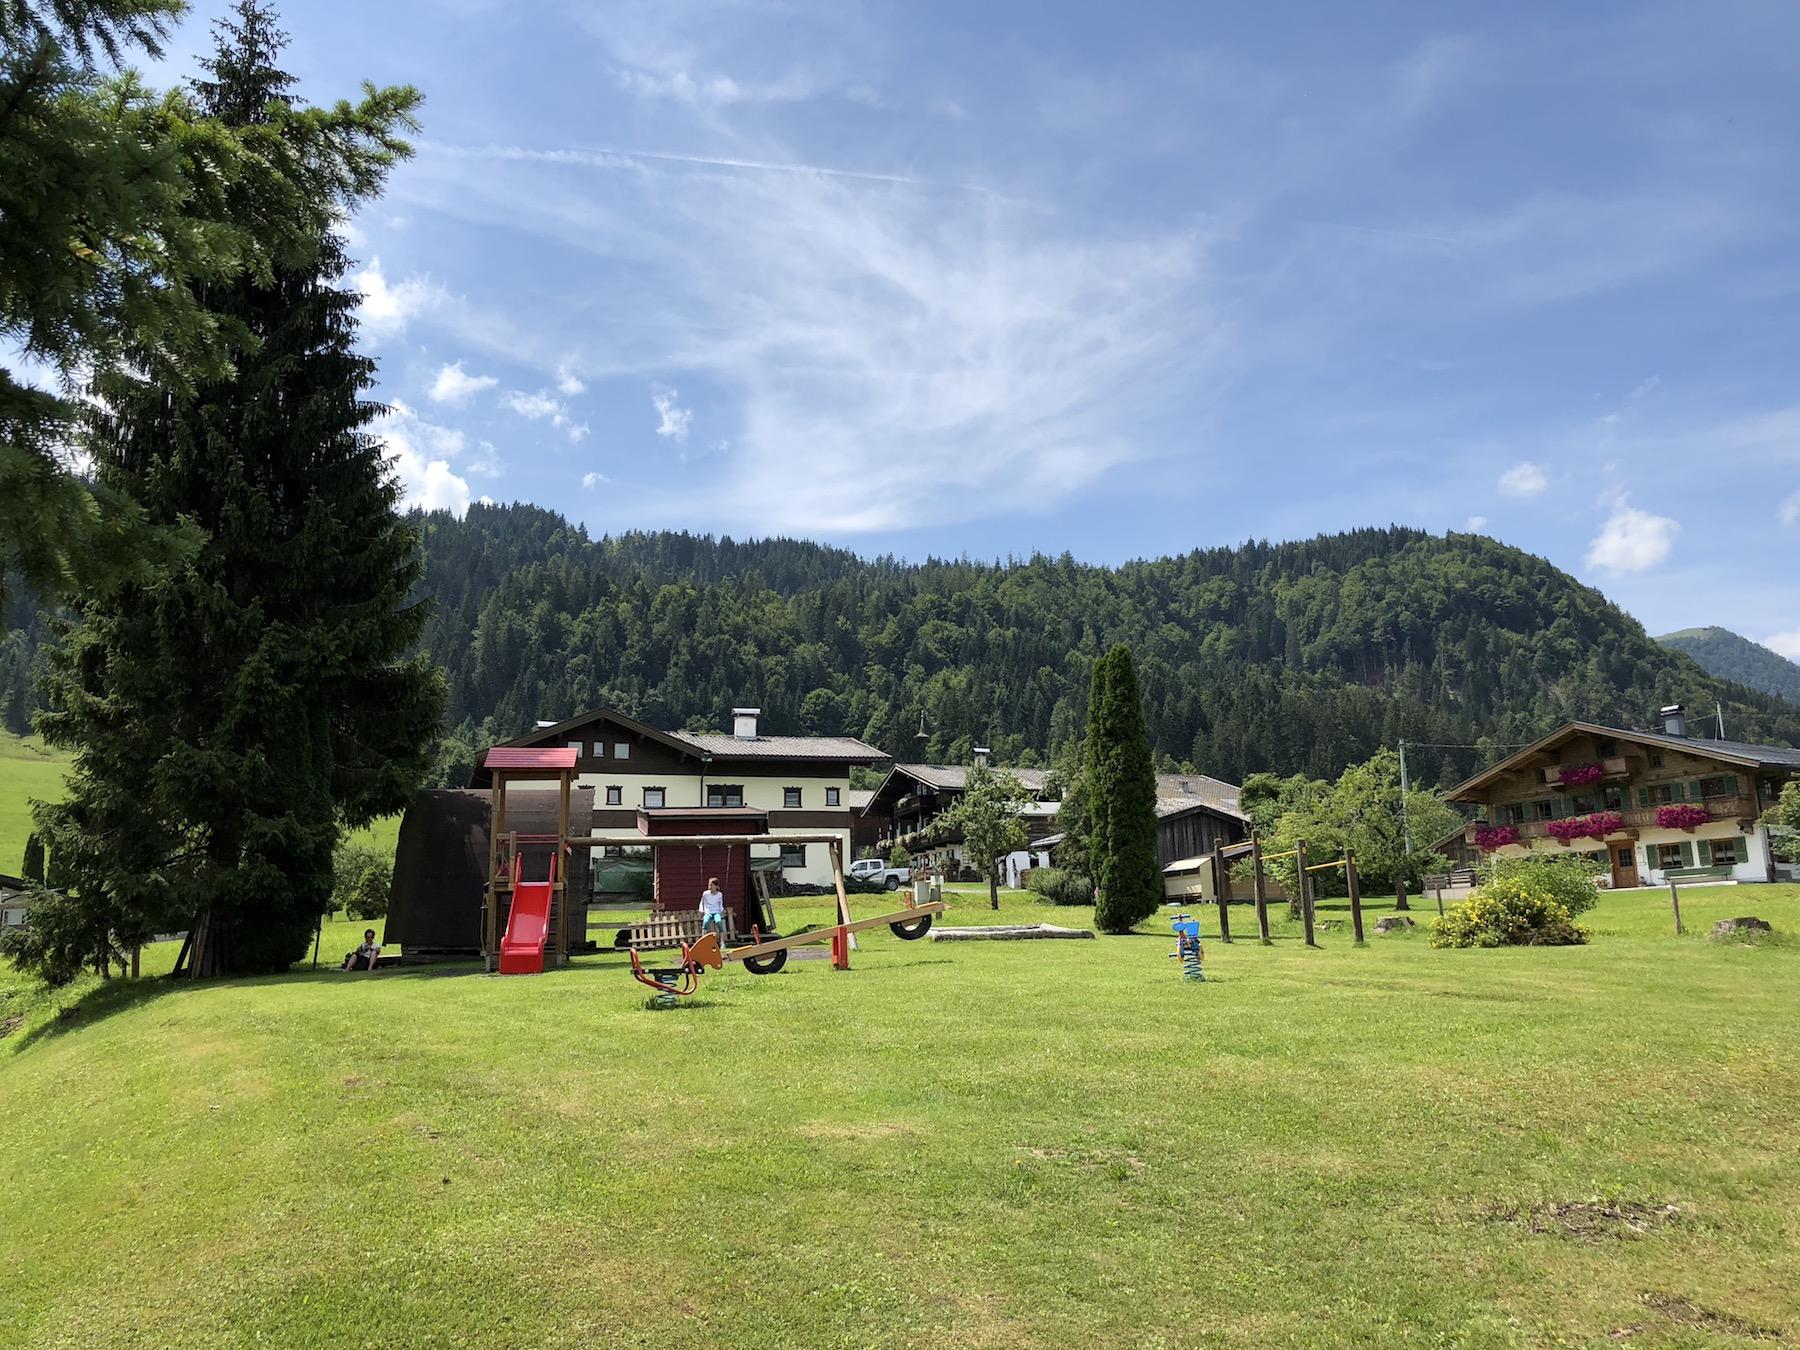 Grüne Wiese mit Spielplatz vom Hotel Fontana in Tirol, Österreich